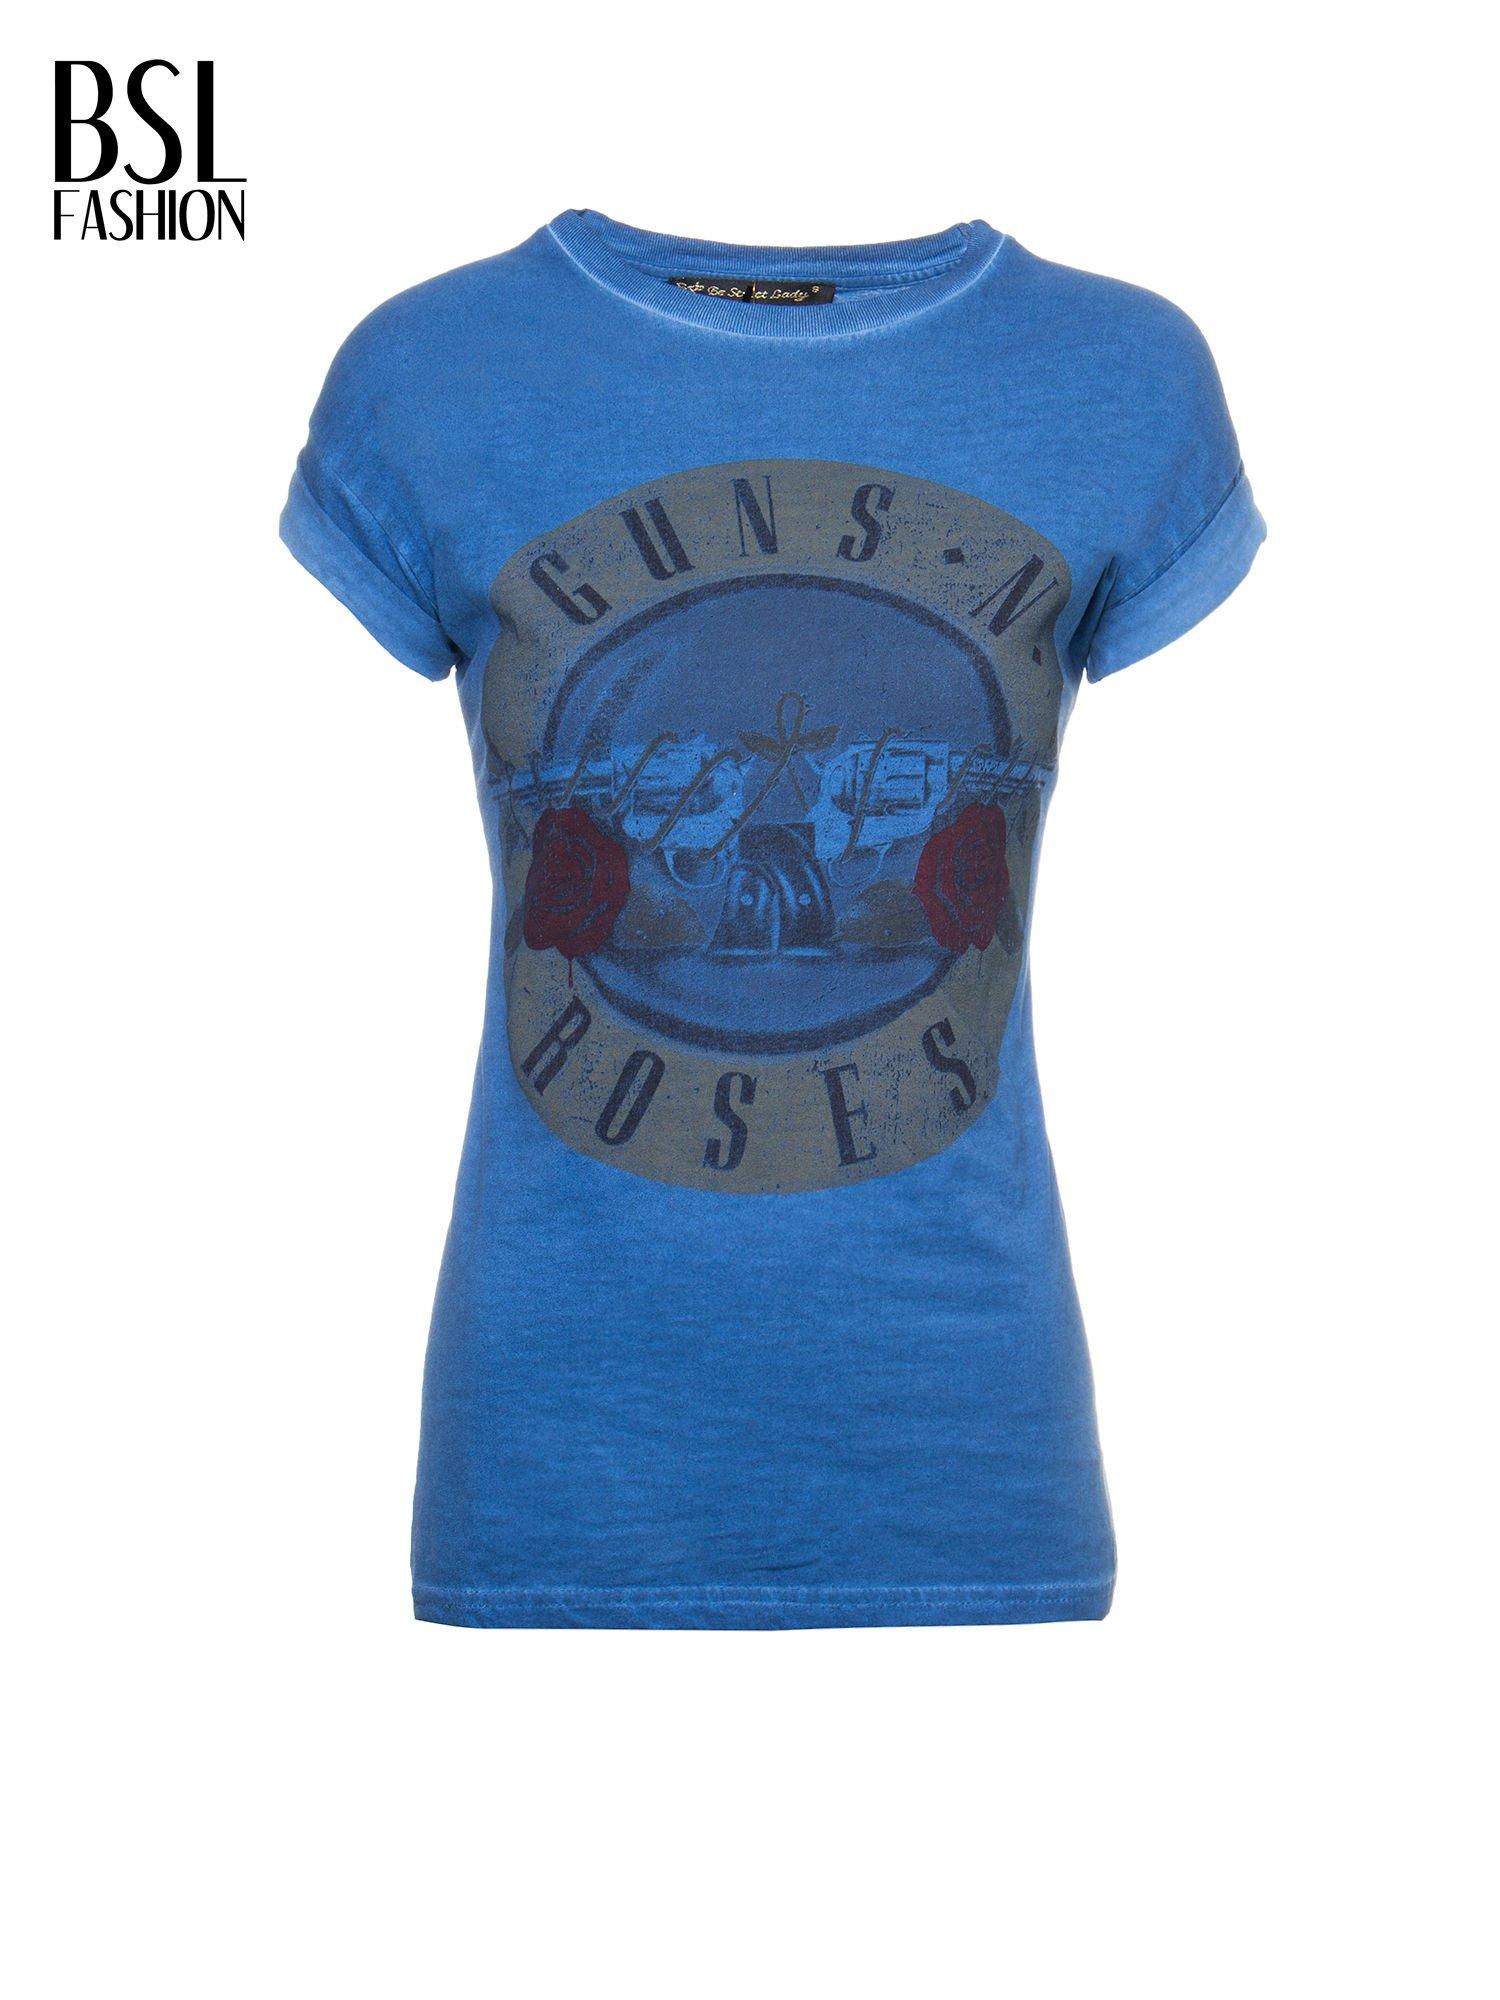 Granatowy t-shirt z nadrukiem GUNS N' ROSES                                  zdj.                                  2